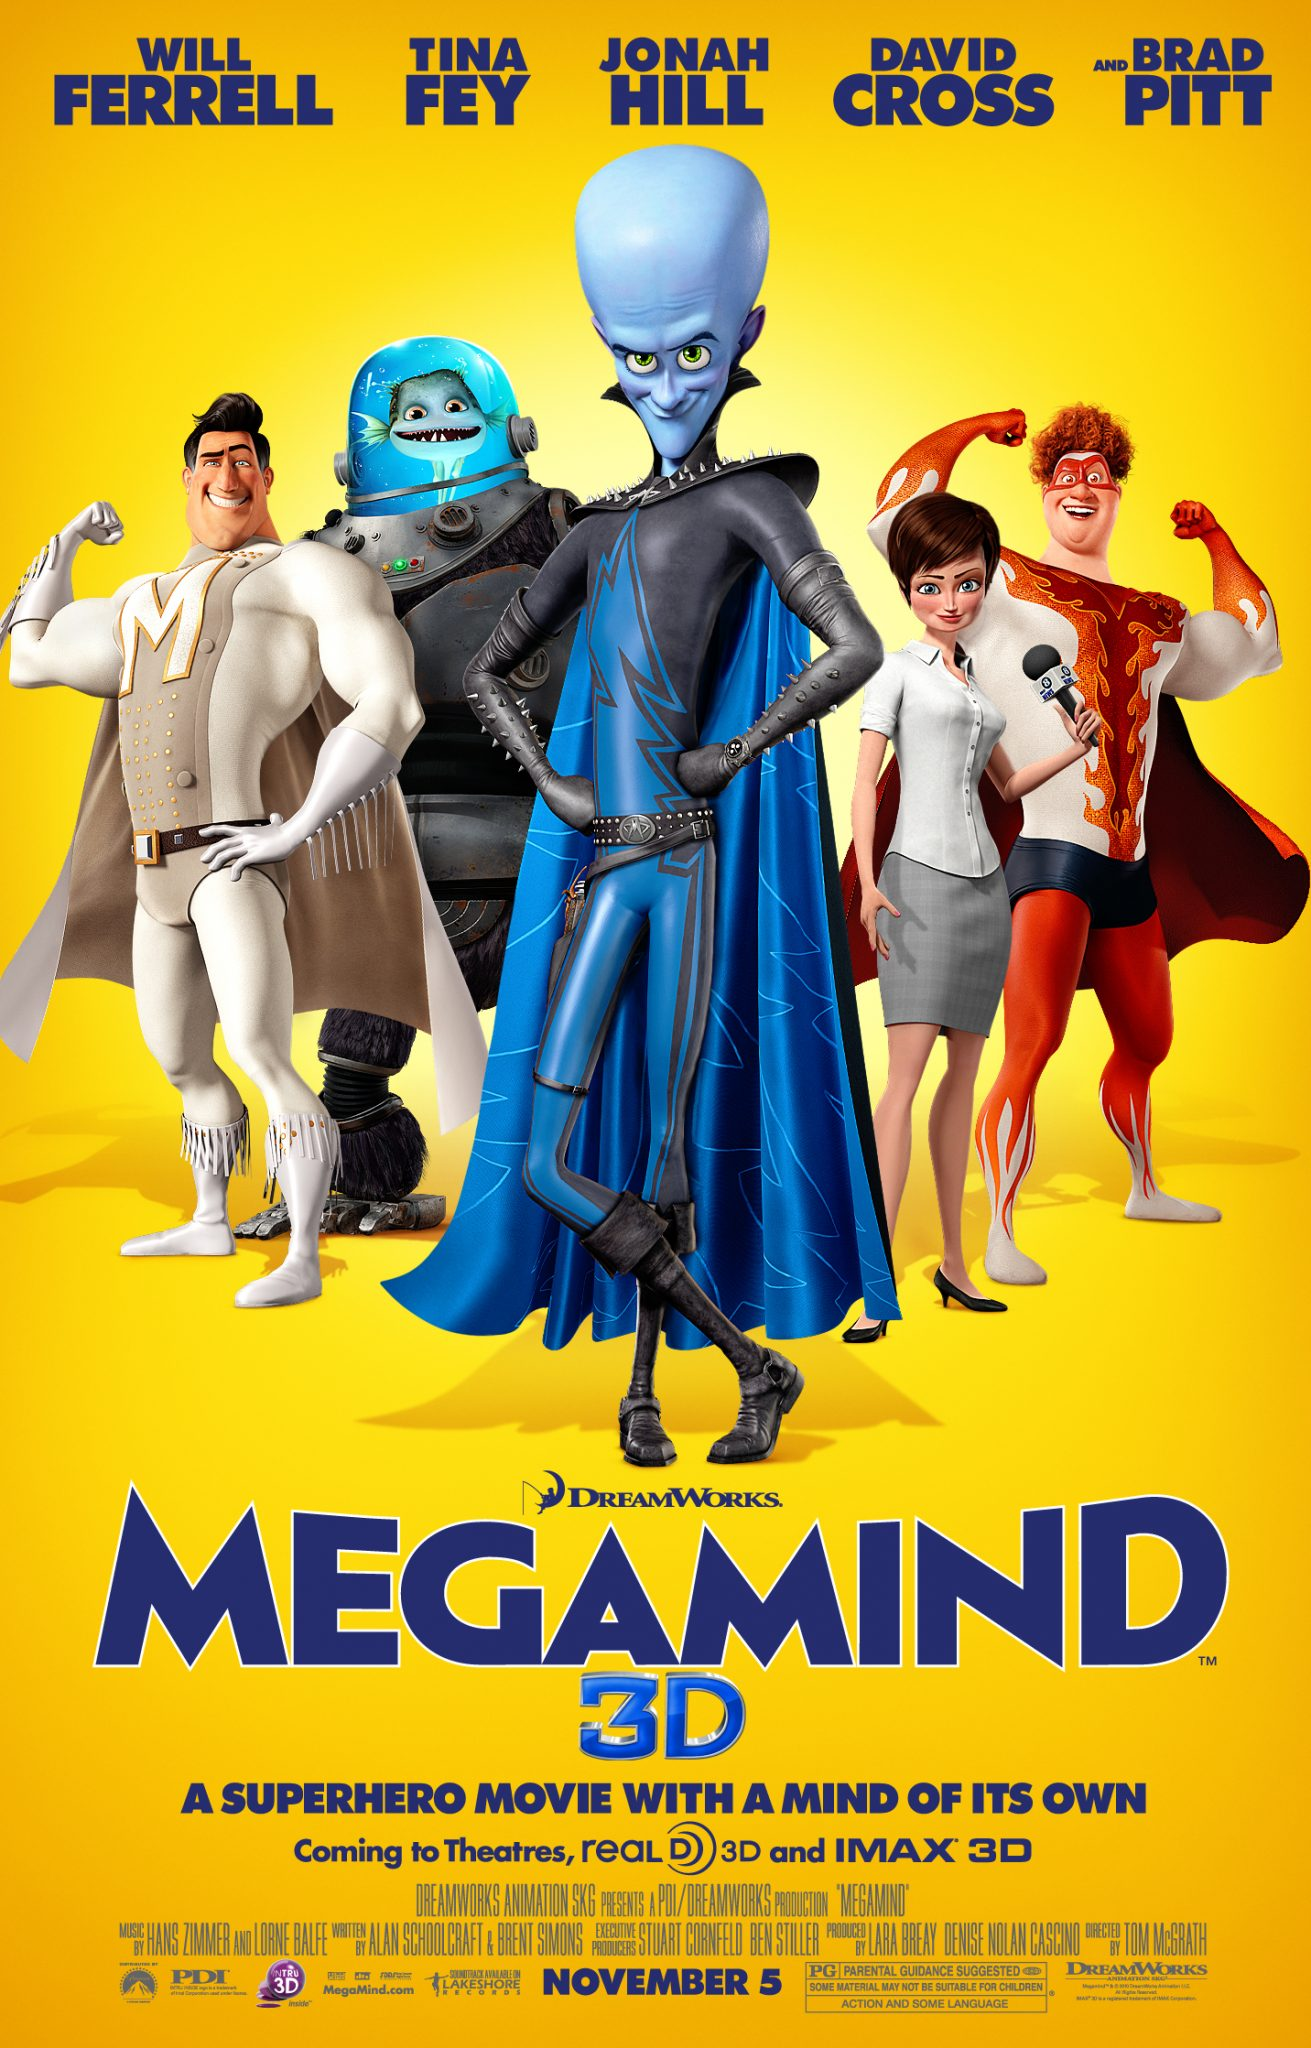 دانلود انیمیشن Megamind کله کدو - دانلود انیمیشن Megamind کله کدو دوبله فارسی